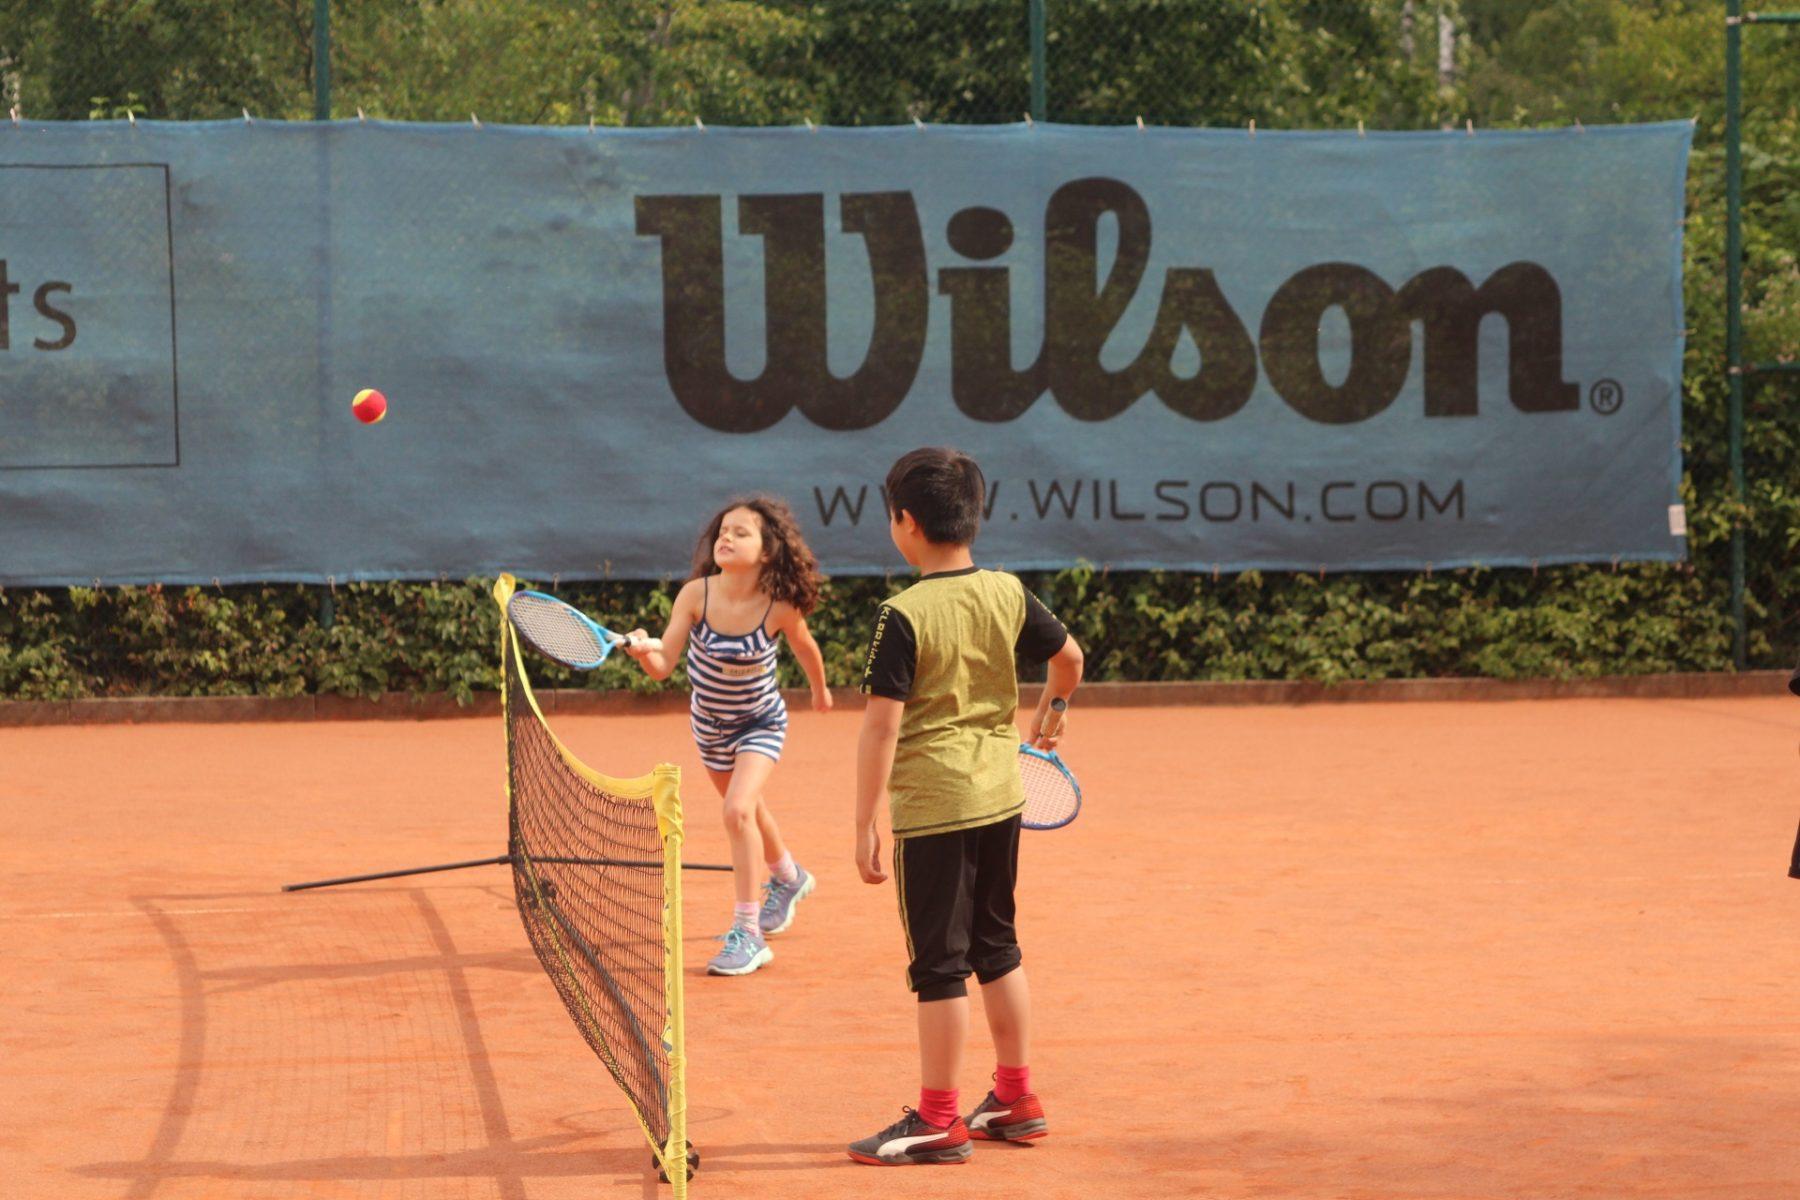 telekom-post-sv-tennisabteilung-feriencamp-2020-bild-2-klein